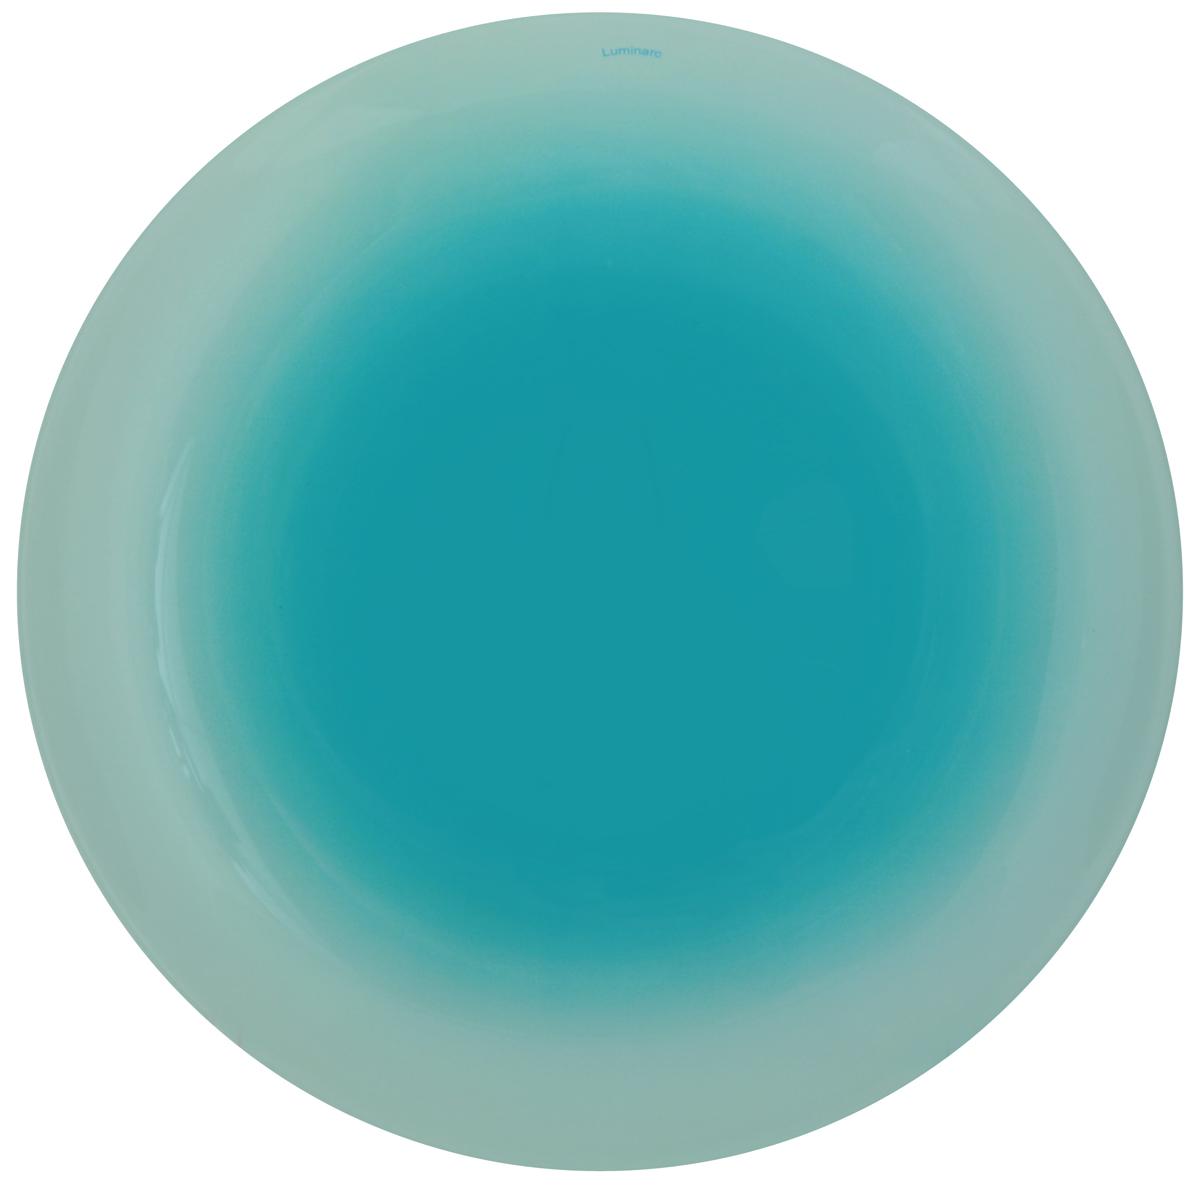 Тарелка десертная Luminarc Fizz Frozen, диаметр 20 смFS-91909Десертная тарелка Luminarc Fizz Frozen, изготовленная из ударопрочного стекла, имеет изысканный внешний вид. Такая тарелка прекрасно подходит как для торжественных случаев, так и для повседневного использования. Идеальна для подачи десертов, пирожных, тортов и многого другого. Она прекрасно оформит стол и станет отличным дополнением к вашей коллекции кухонной посуды. Диаметр тарелки: 20 см.